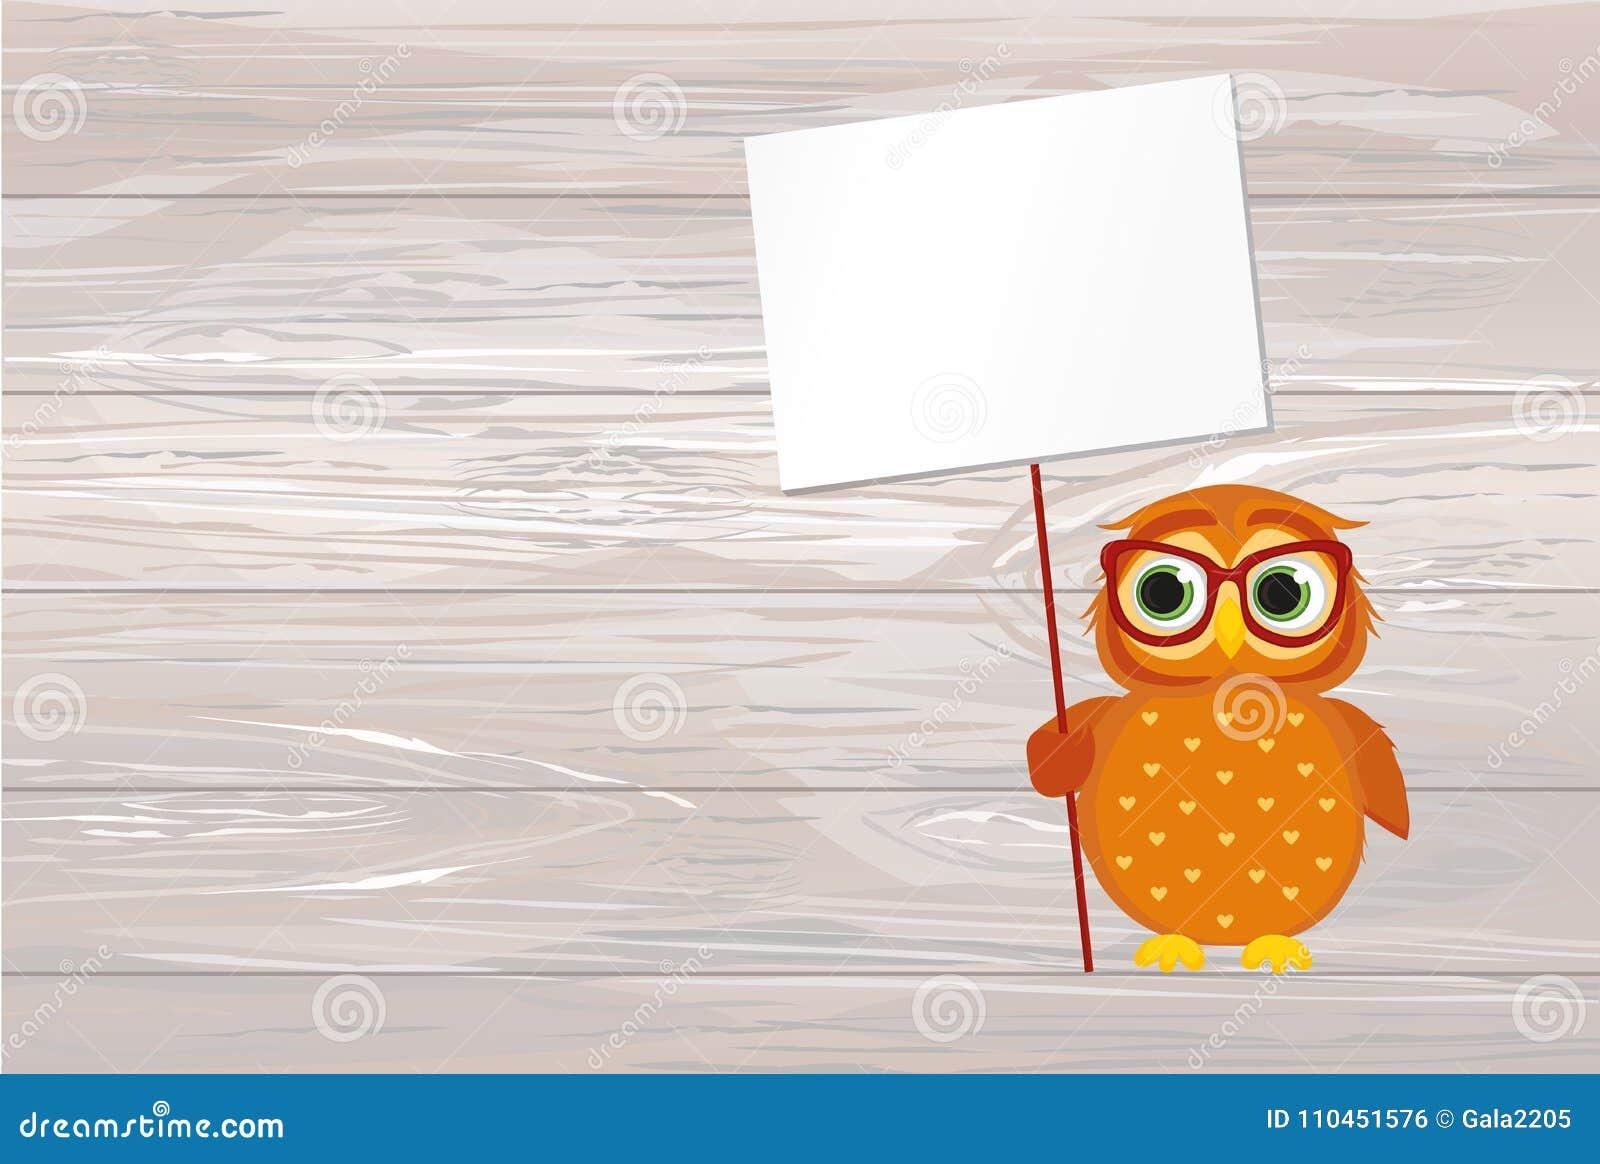 Gullig kulör uggleunge som rymmer en tom affisch för din text eller